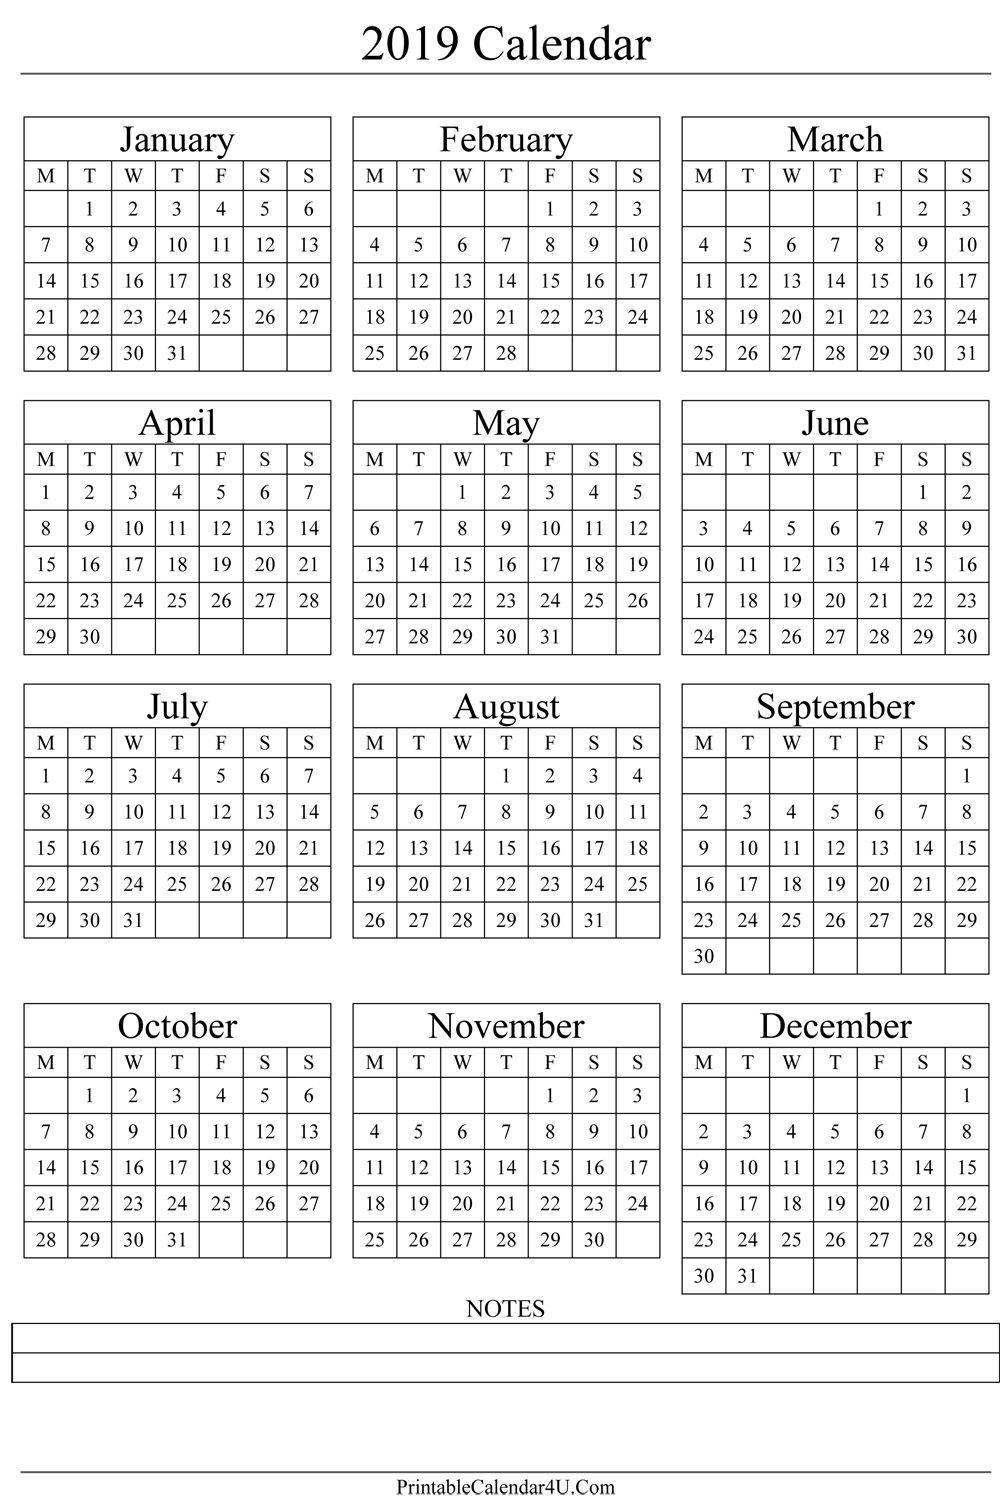 Printable 2019 Calendar Templates